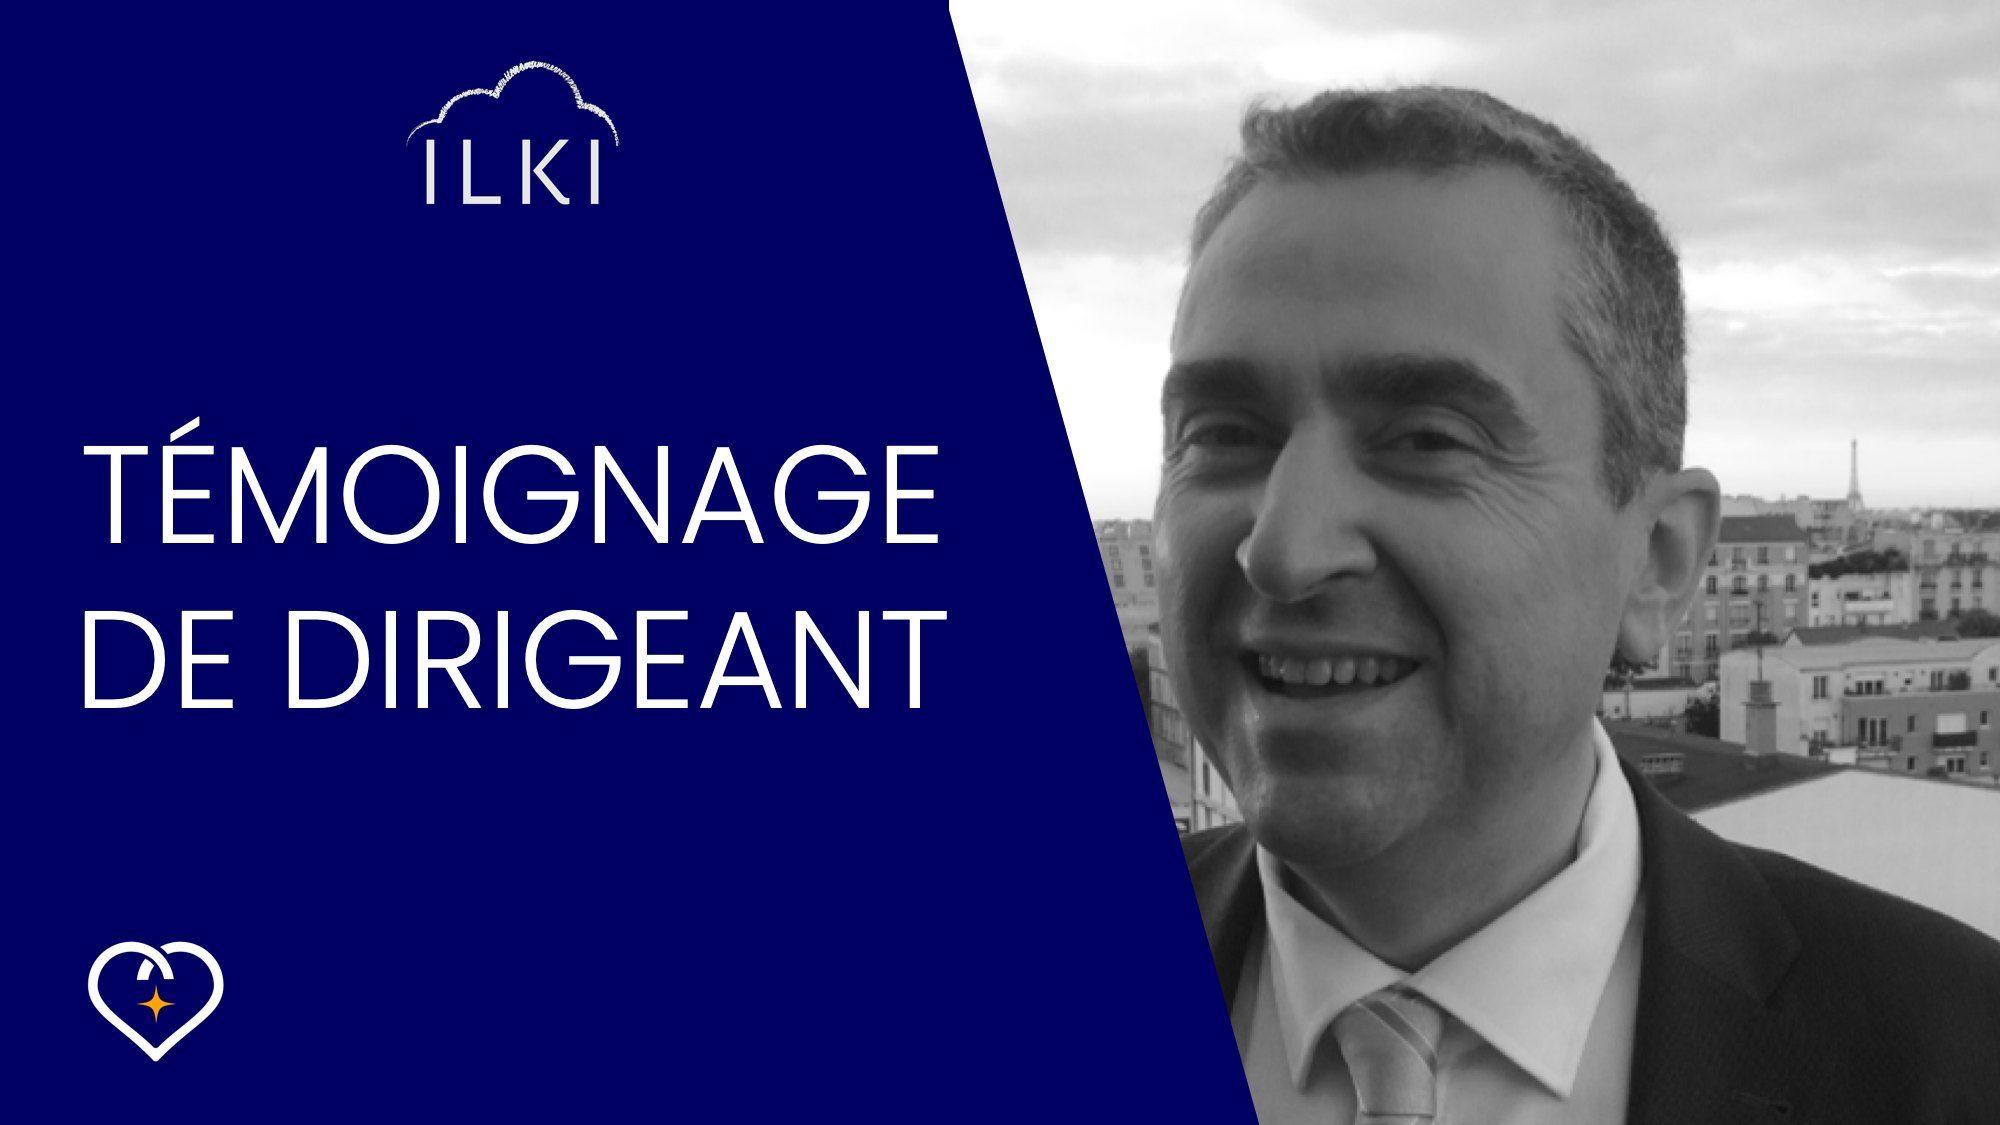 Témoignage Vincent Branger, directeur associé chez ILKI